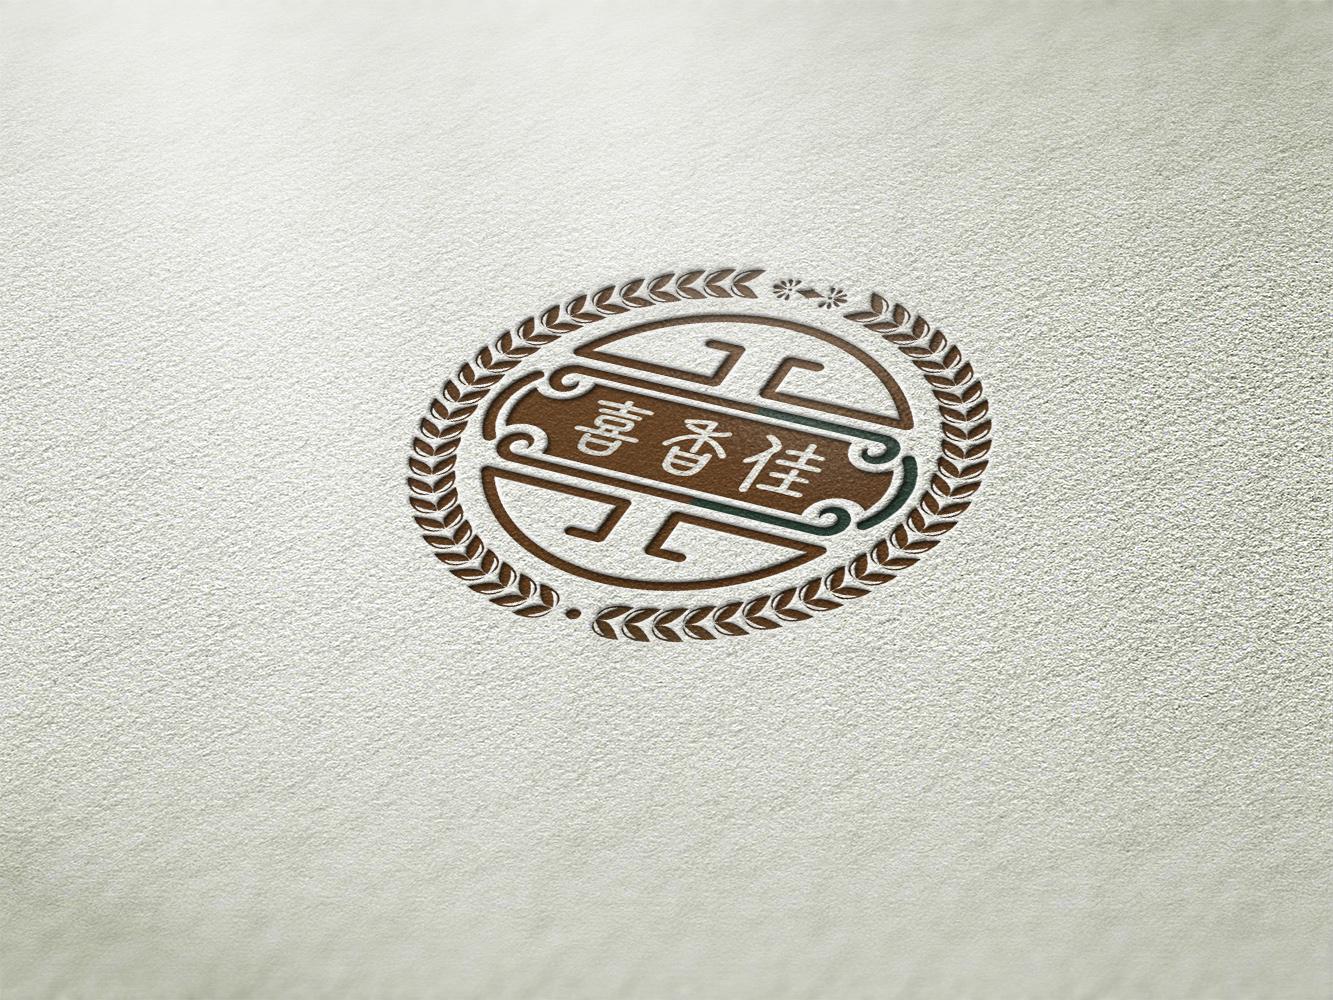 农林公司产品logo设计_2962863_k68威客网